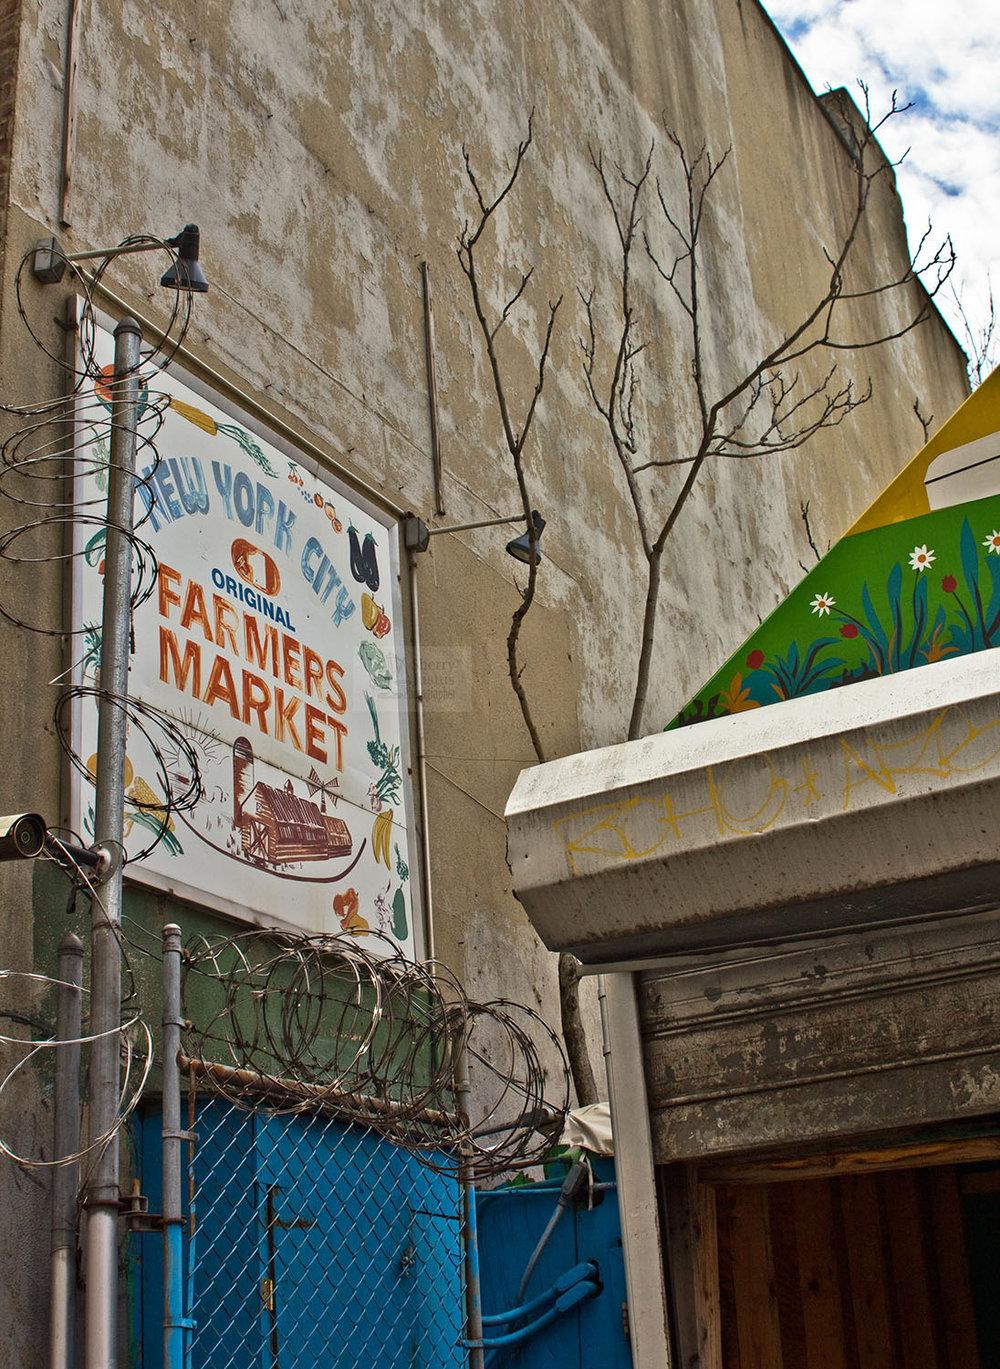 Barbed market